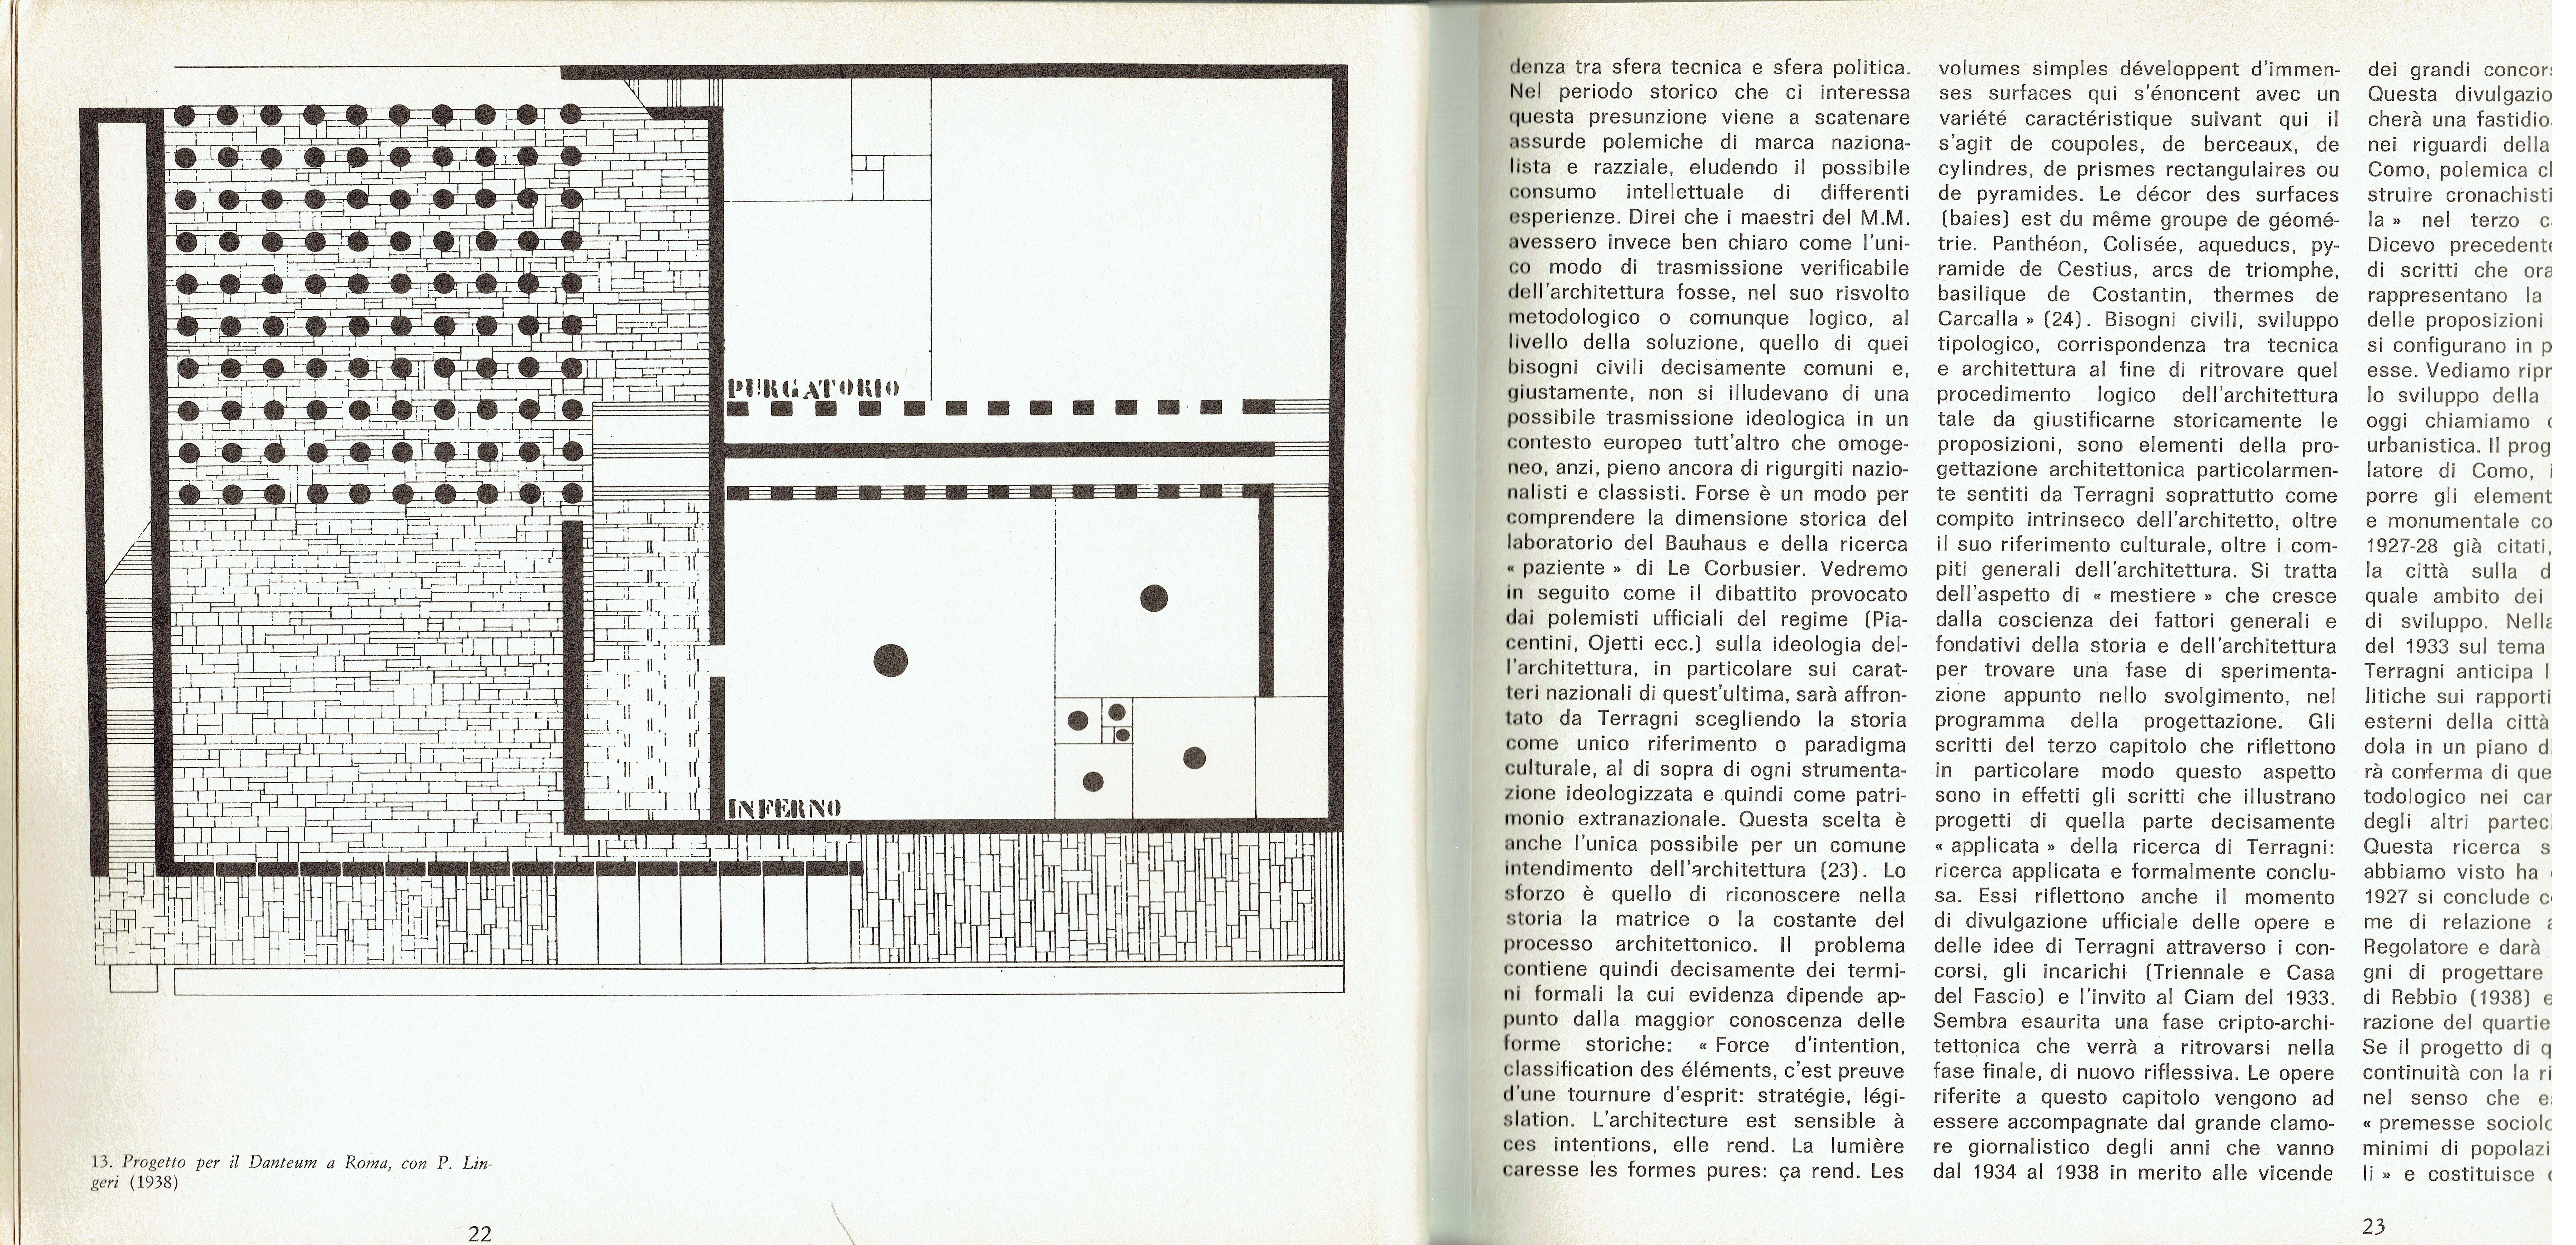 Giuseppe Terragni, Project for the Danteum, 1934 (Enrico Mantero ...